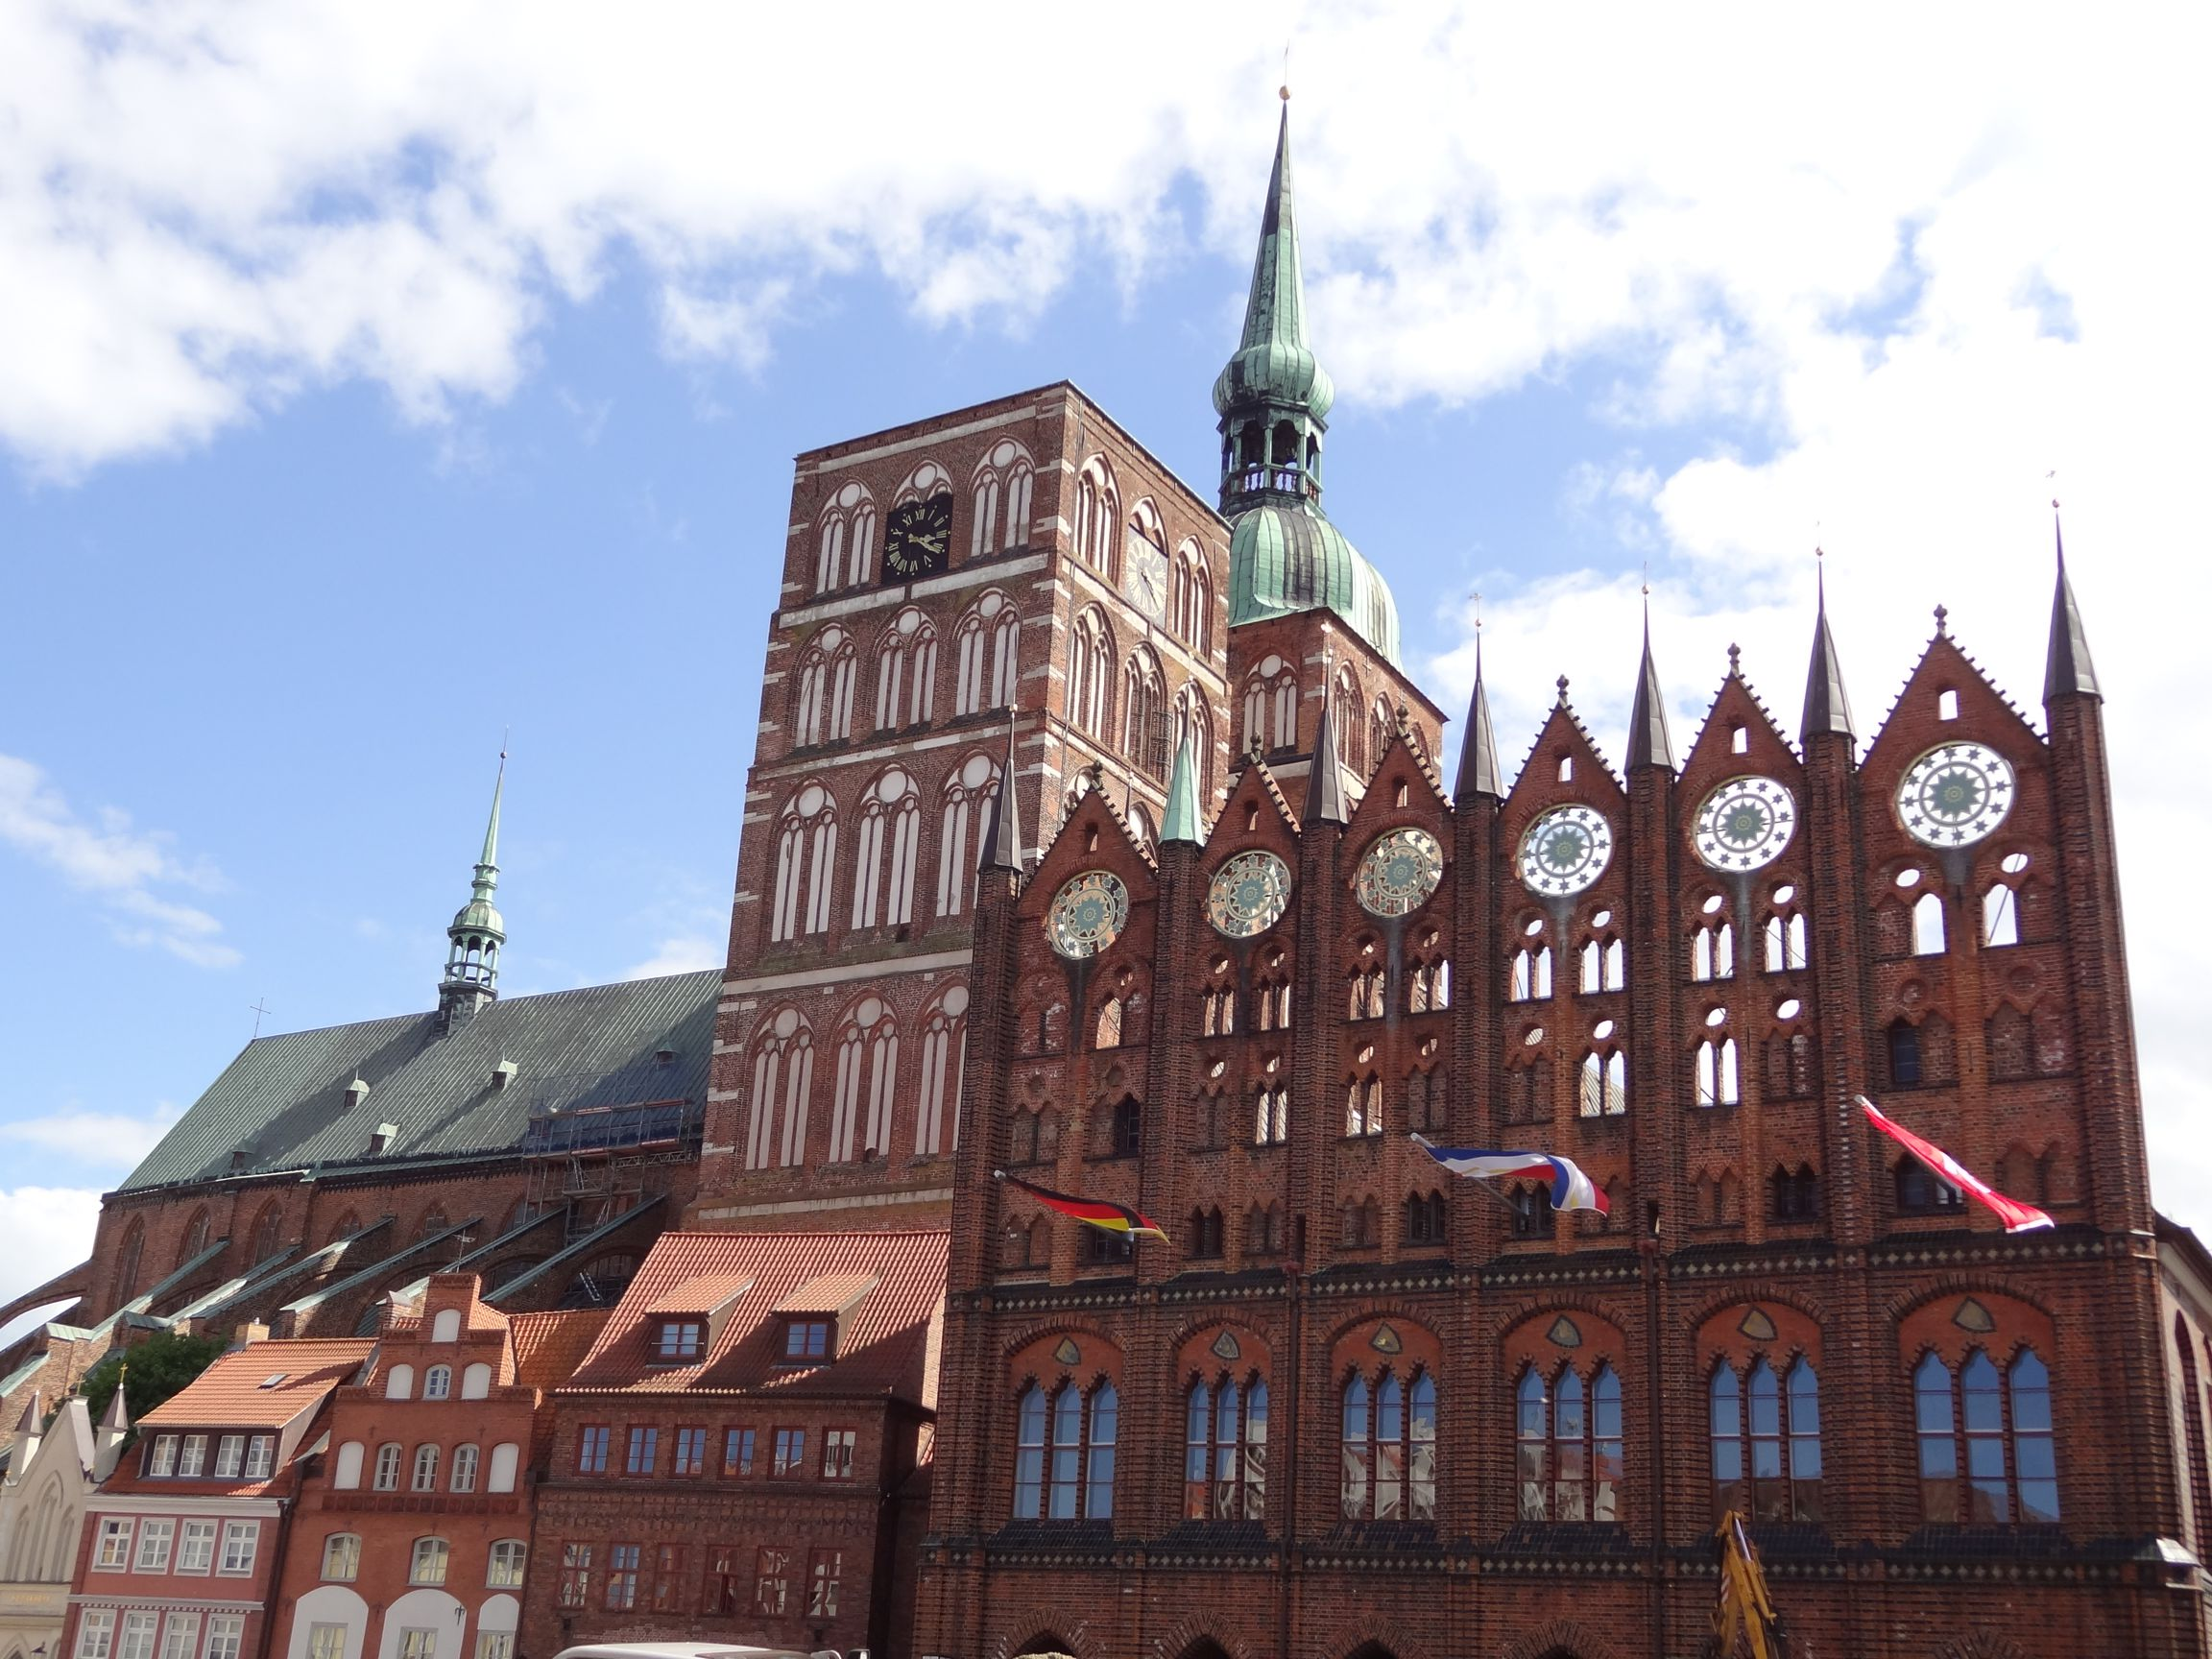 Alter Markt in Stralsund